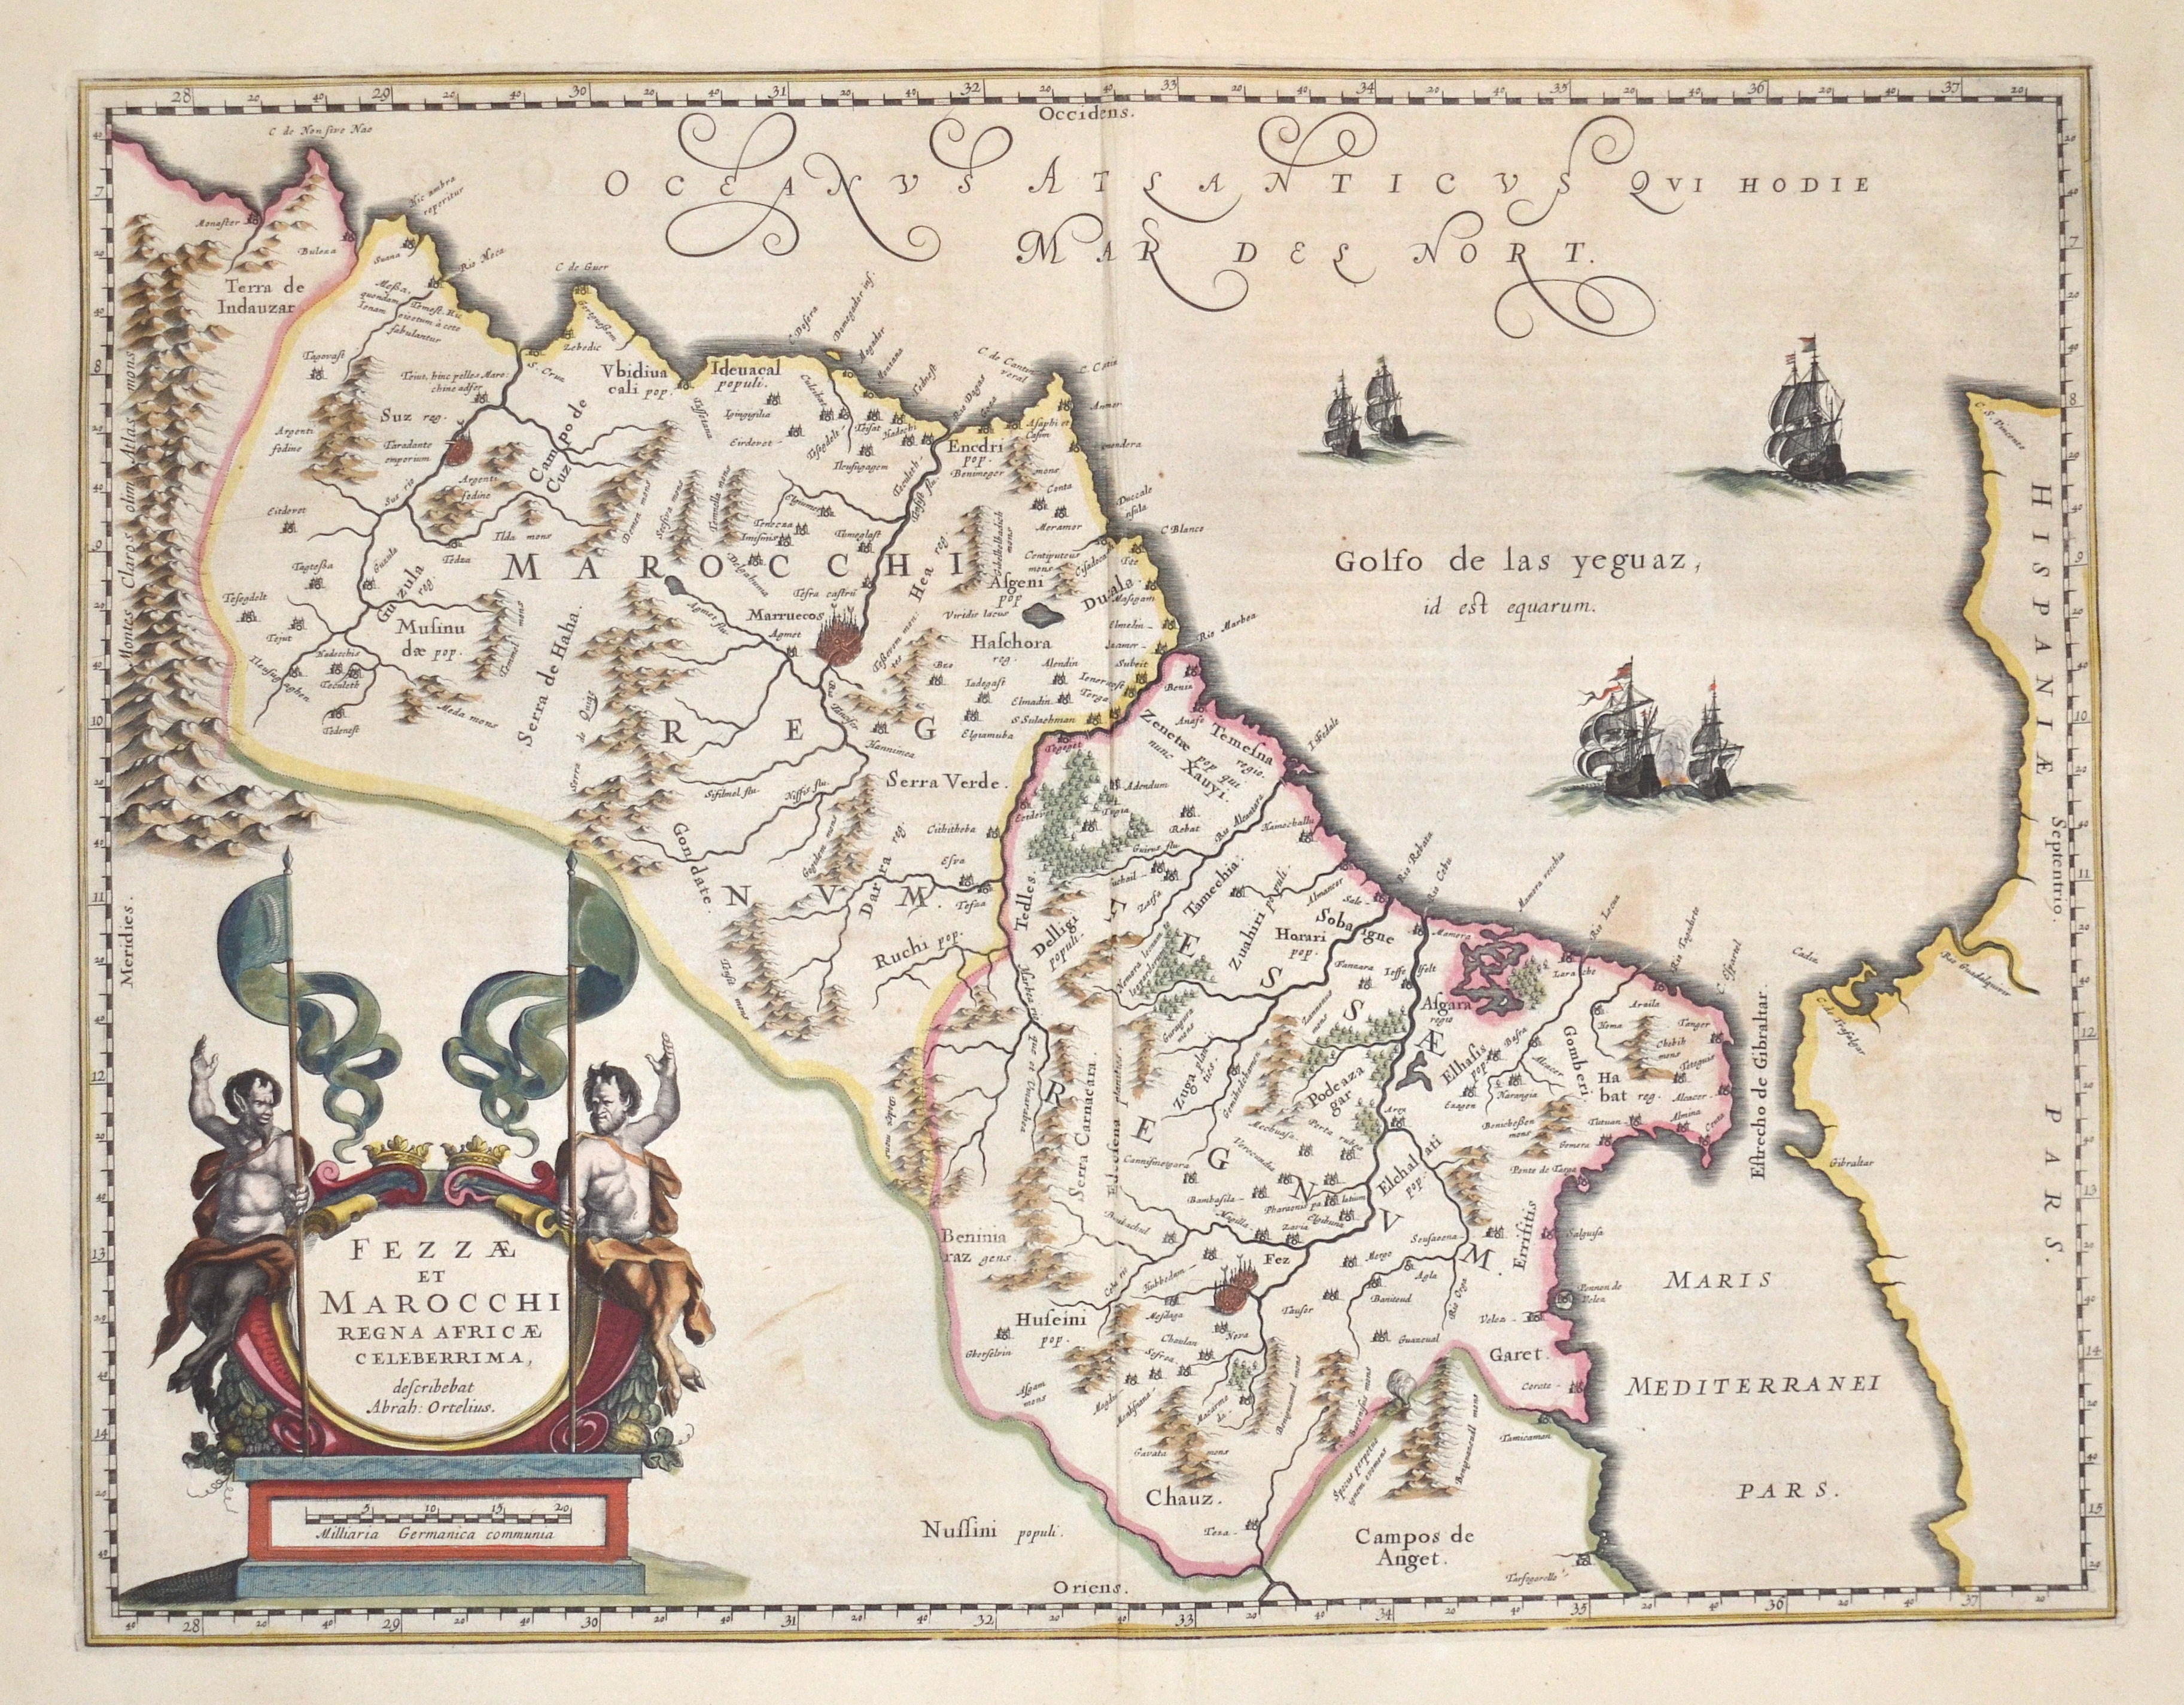 Blaeu  Fezzae et Marocchi Regna Africae celeberrima, describebat Abrah: Ortelius.